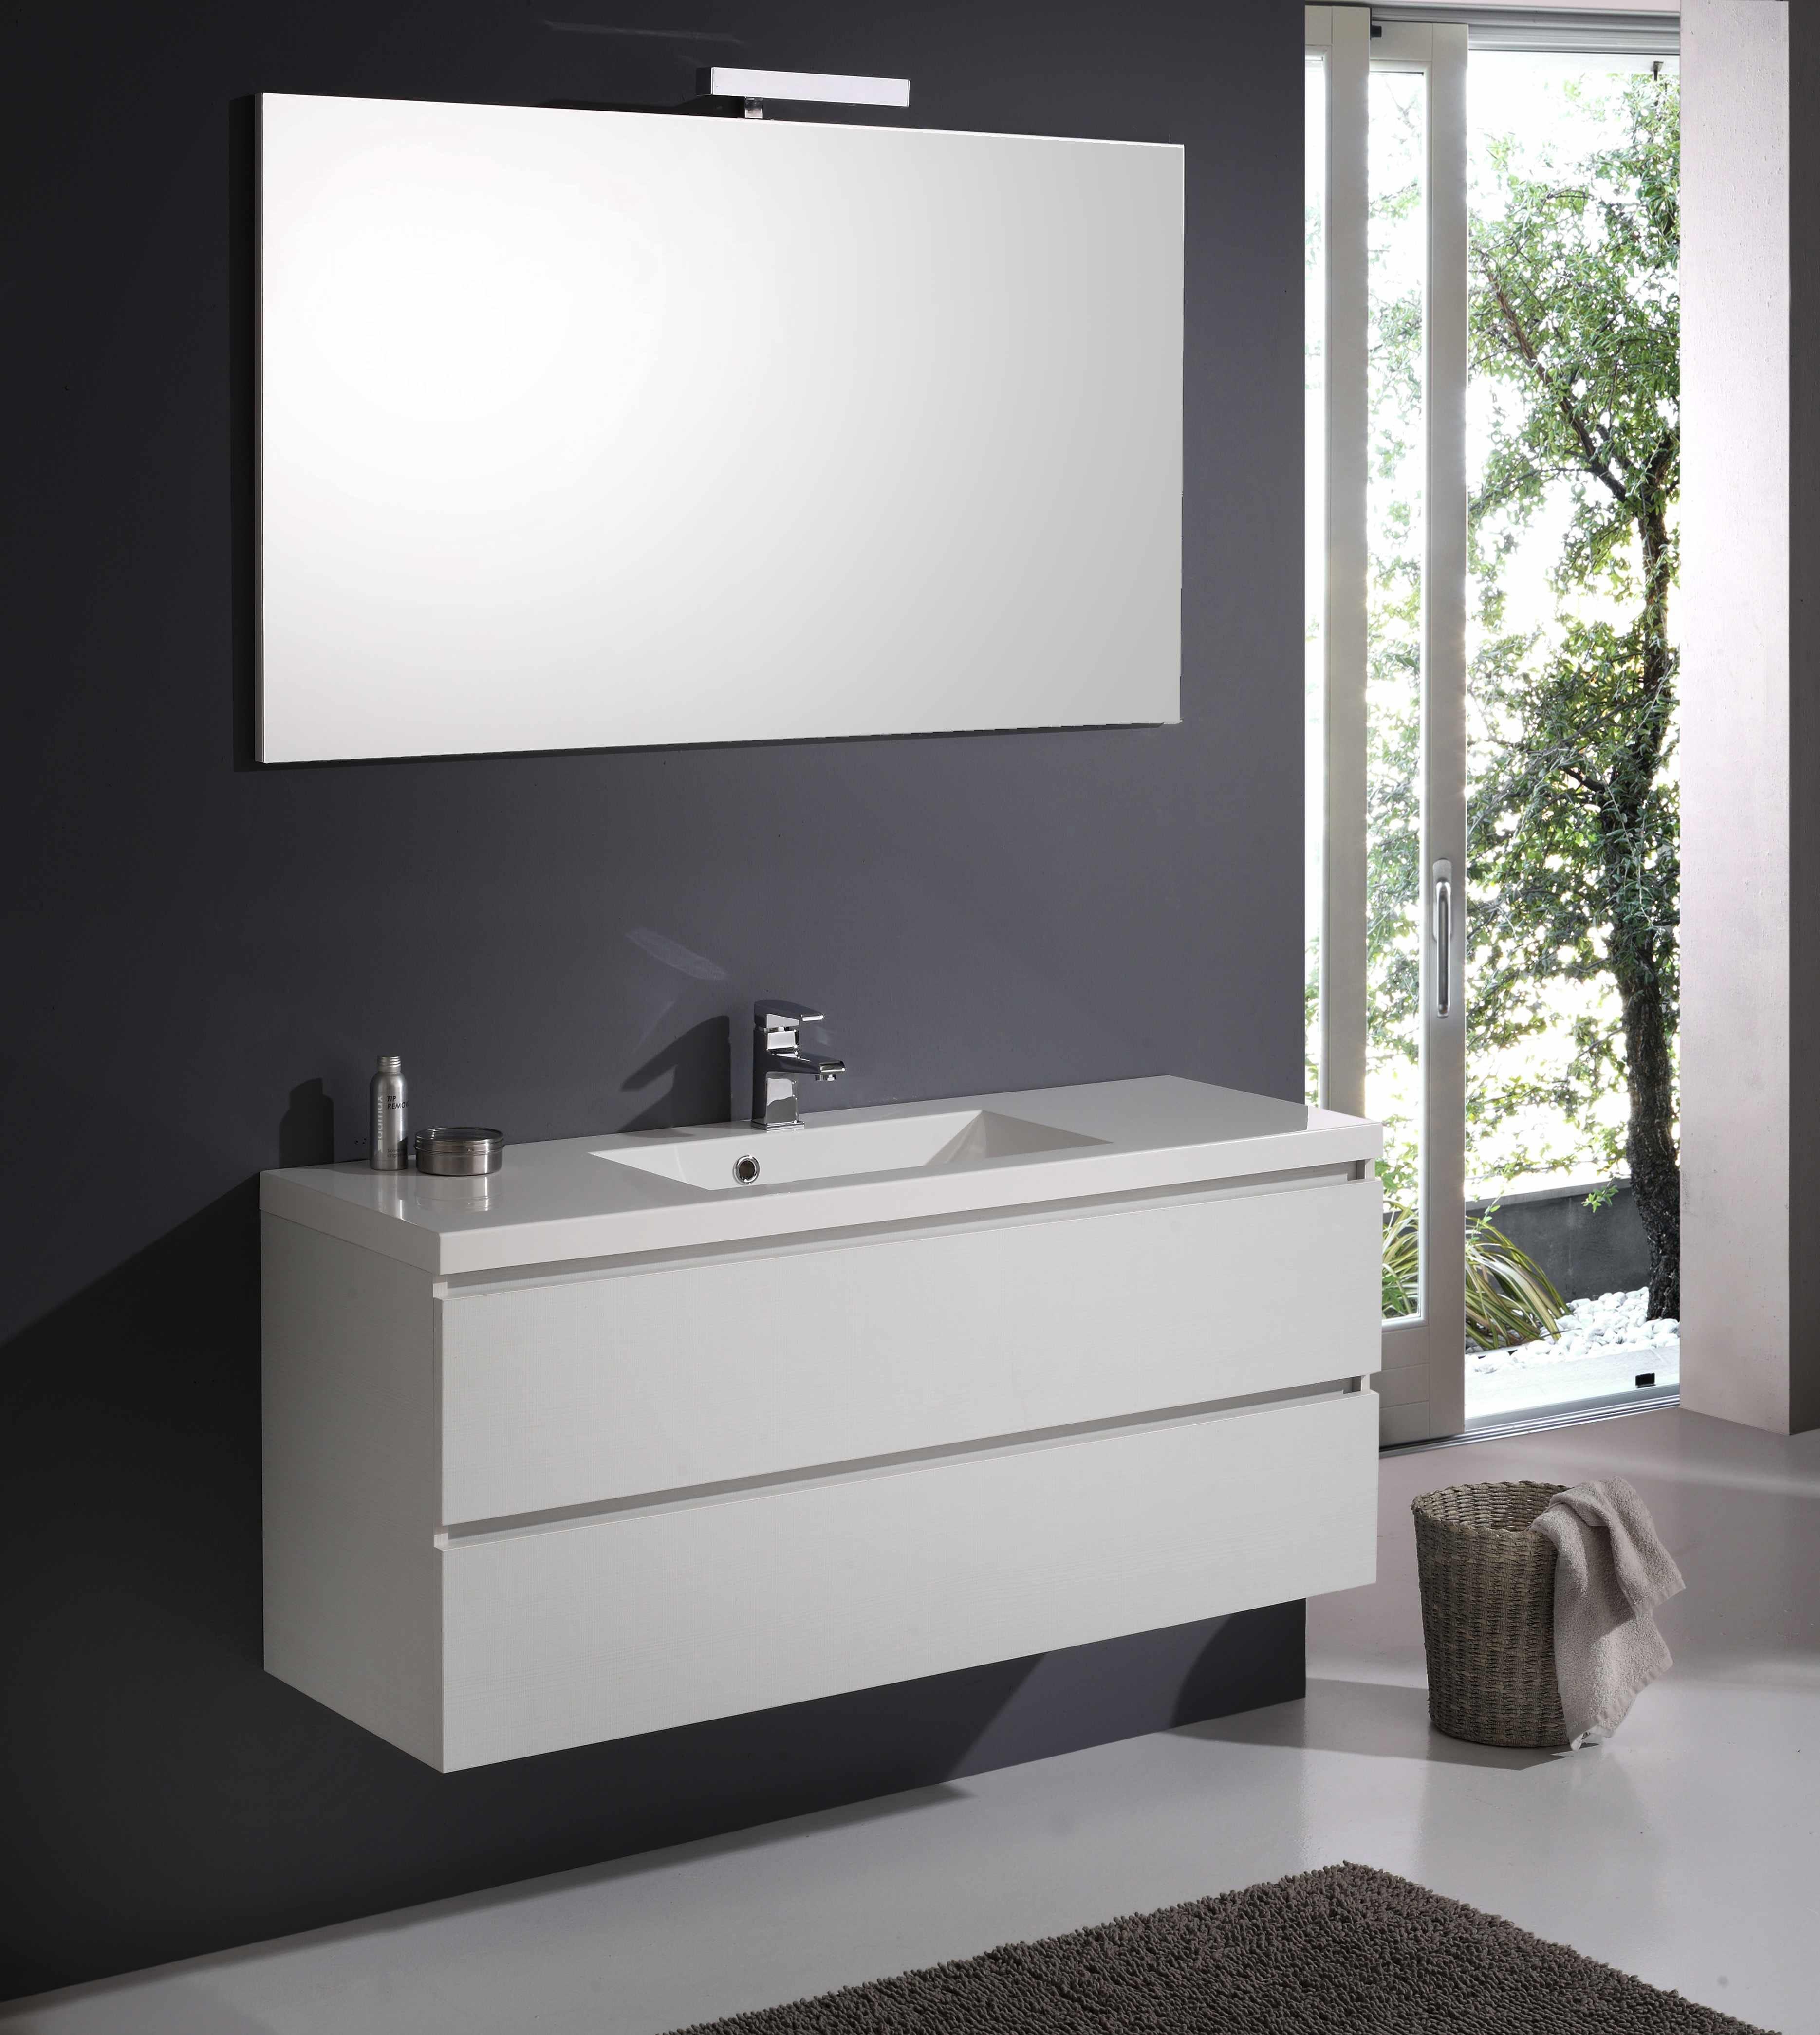 Arredamento bagno larghezza 120 cm in bianco foresta con for Ebay arredamento